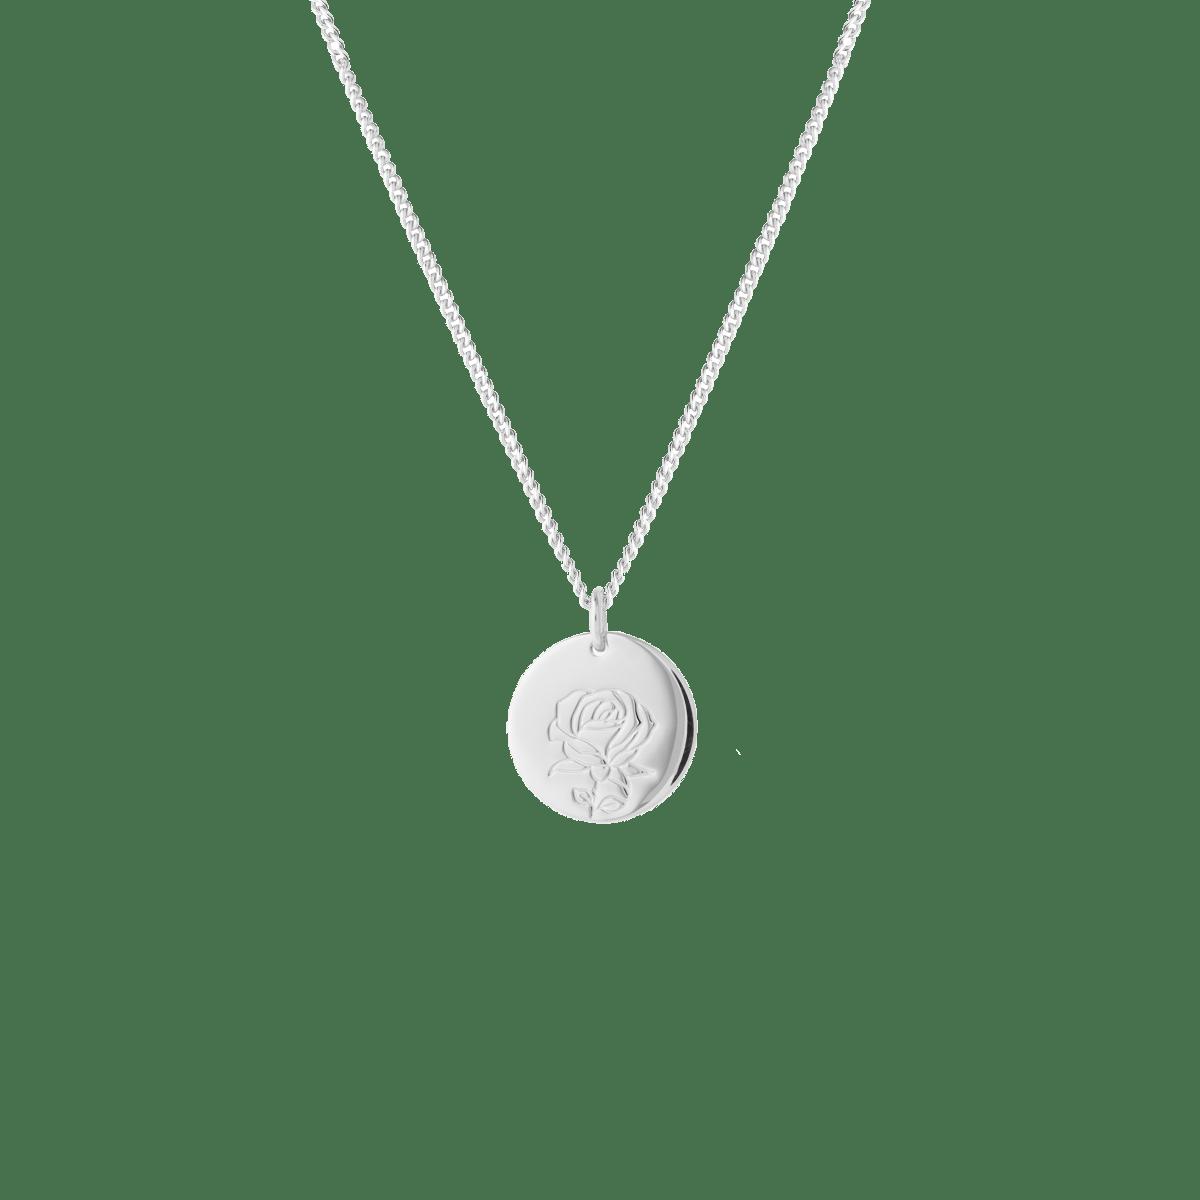 birthflower necklace silver rose